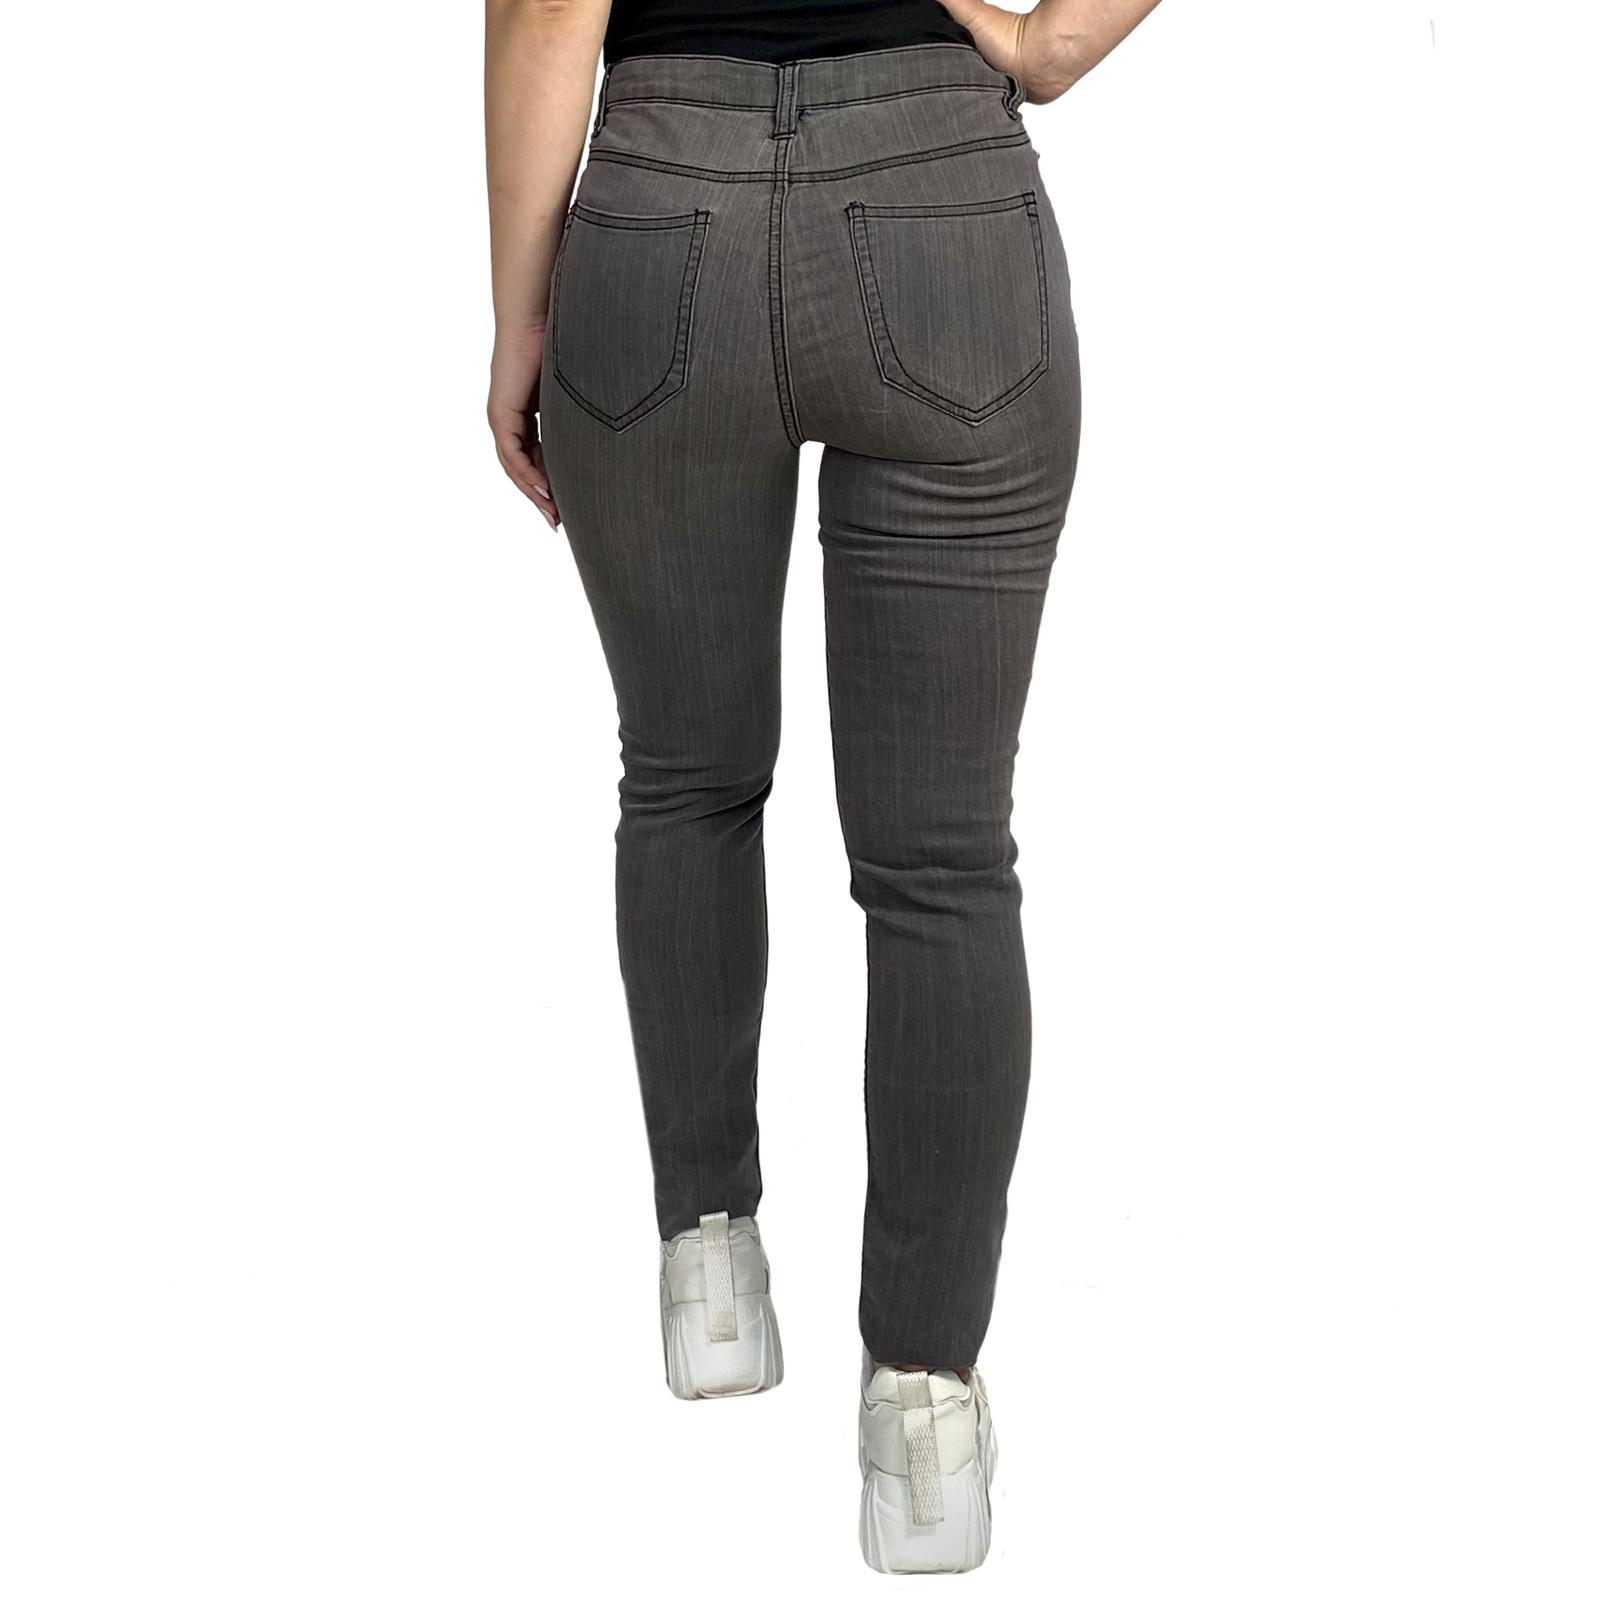 Женские облегающие джинсы Ciano Farmer